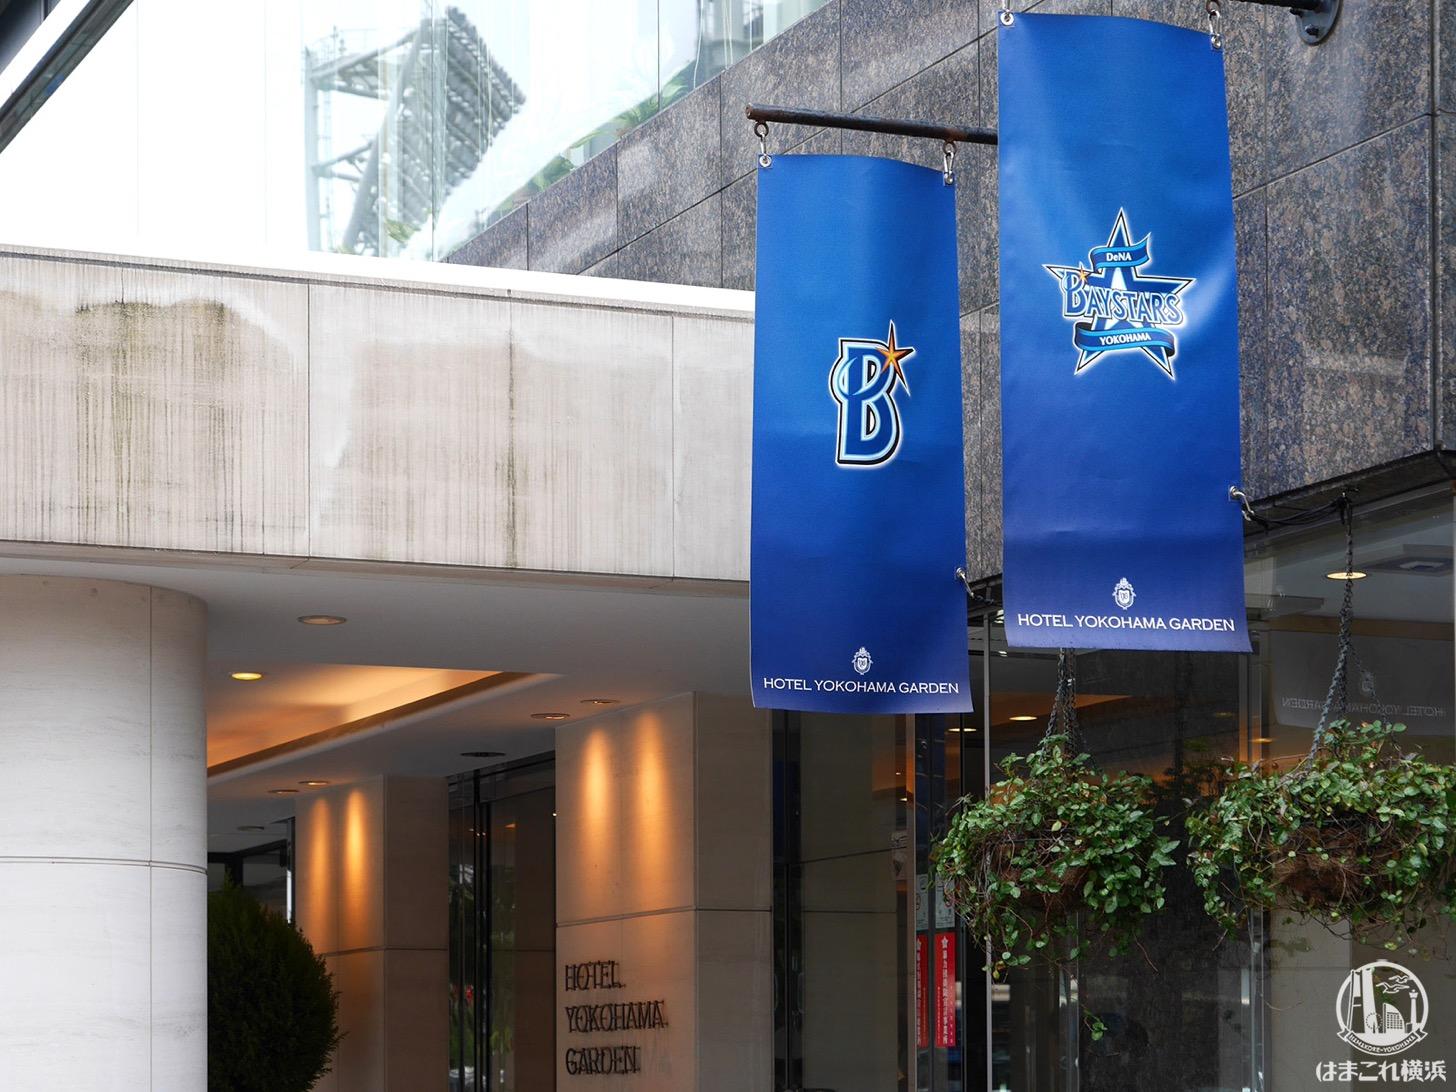 ホテル横浜ガーデン ベイスターズのフラッグ